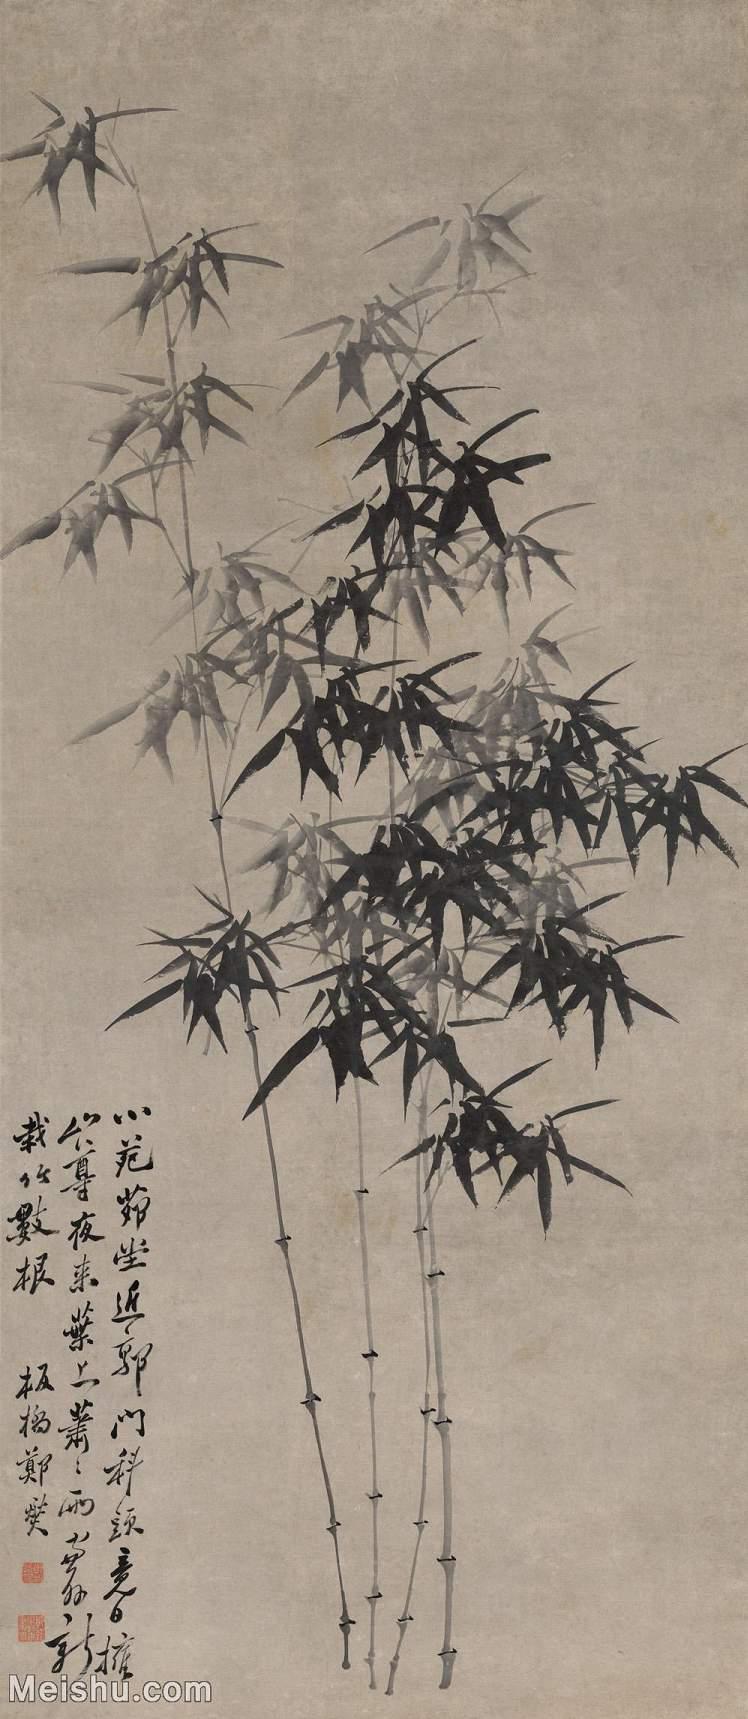 【打印级】GH6085514古画树木植物-墨竹图立轴图片-69M-3252X7462_18025197.jpg